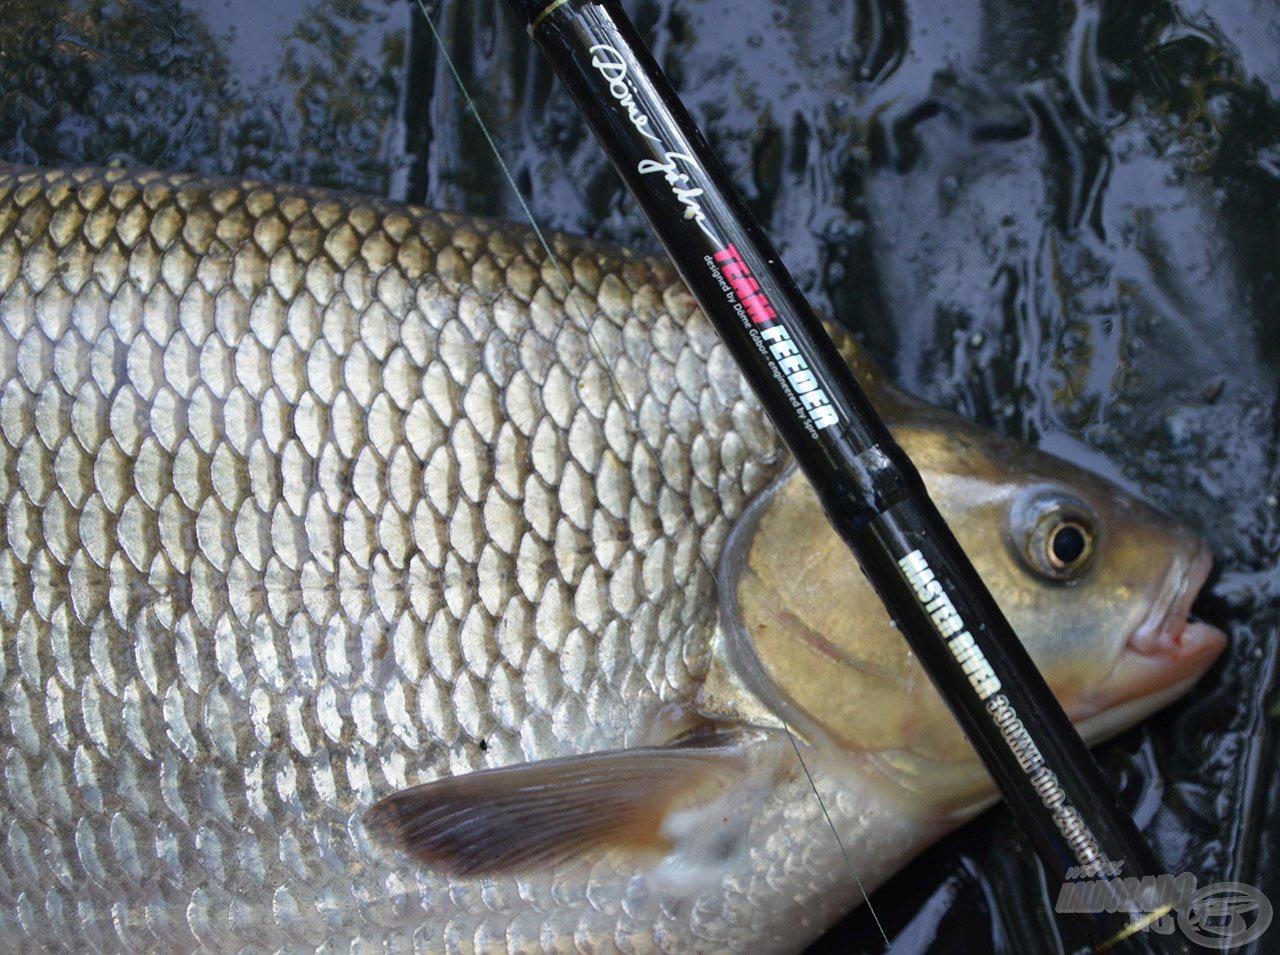 Ezen a képen jól látszódik, hogy mennyire vaskos, öreg hal